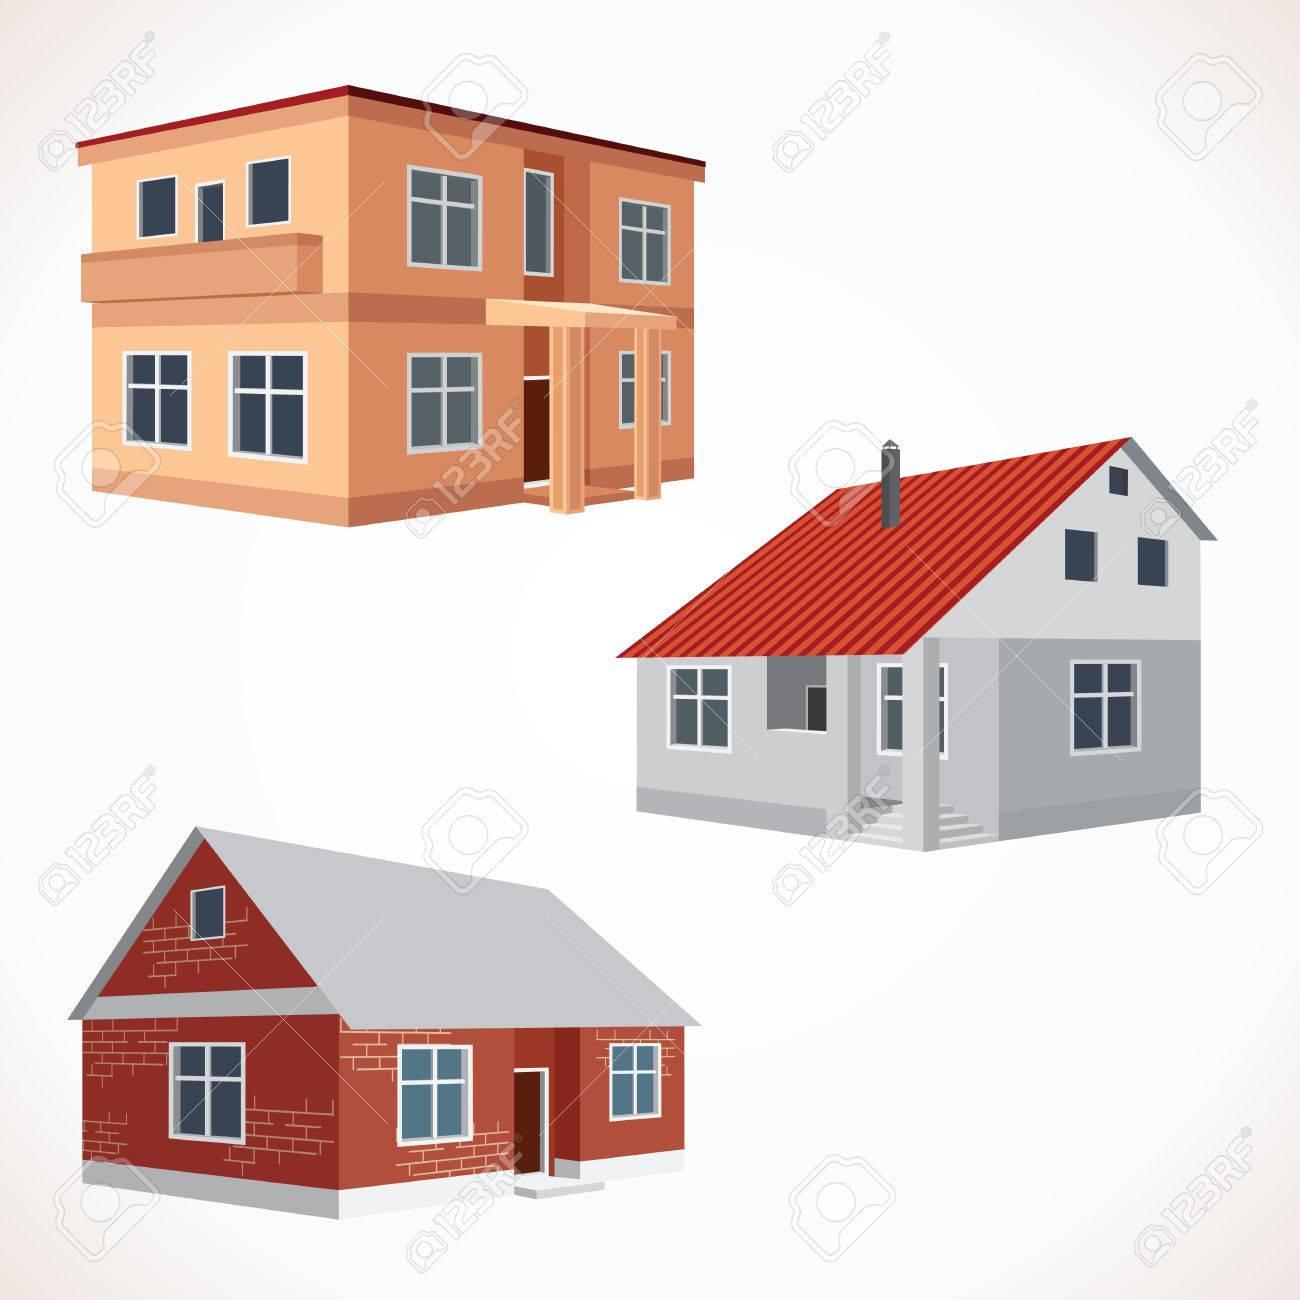 Banque dimages jeu de 3d icônes maison bâtiments set prêt pour votre texte et design